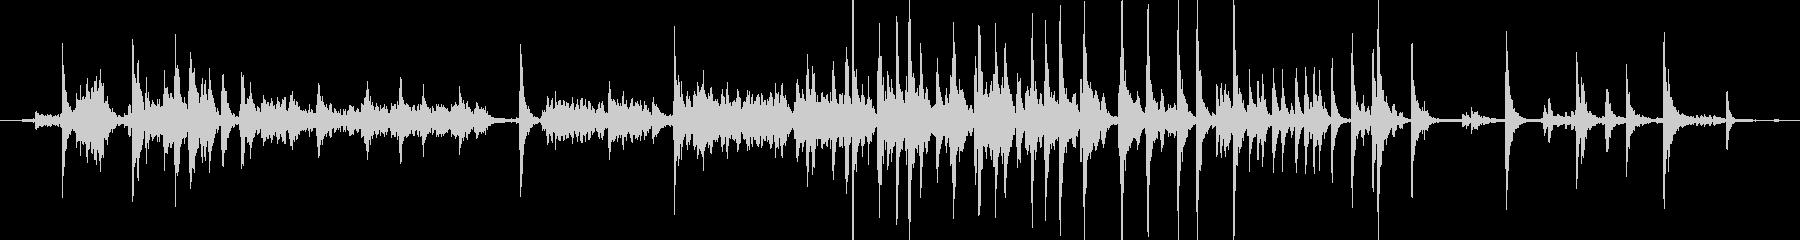 メタル クリークストレスミディアム05の未再生の波形